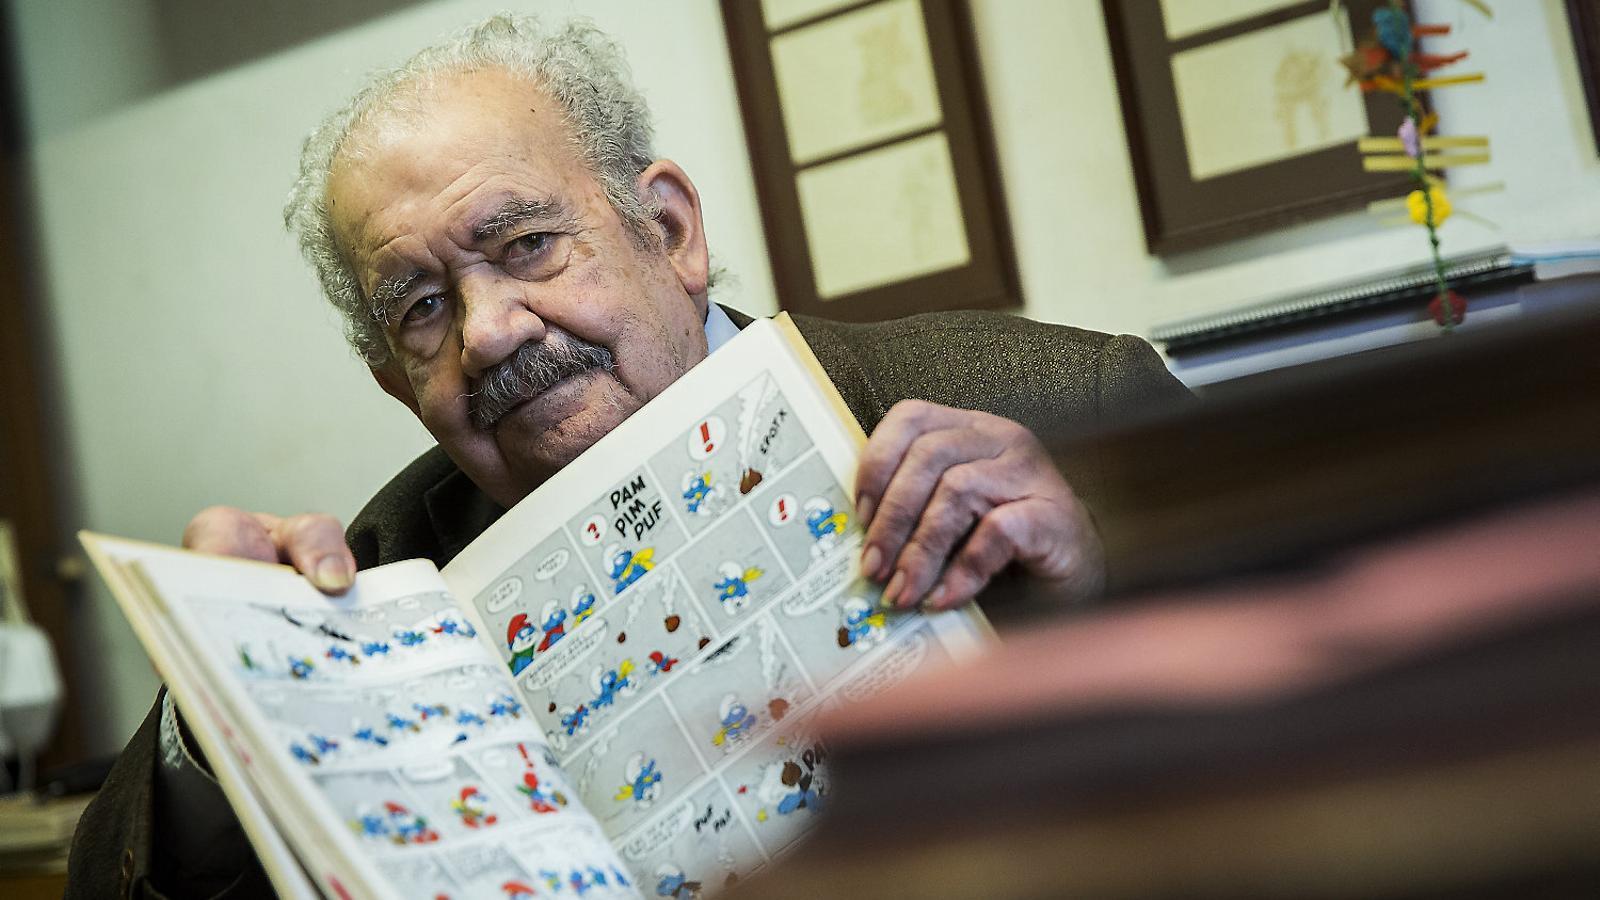 """Albert Jané: """"Amb el català s'ha de ser optimista des d'un punt de vista tàctic, per lluitar i actuar"""" / PERE VIRGILI"""